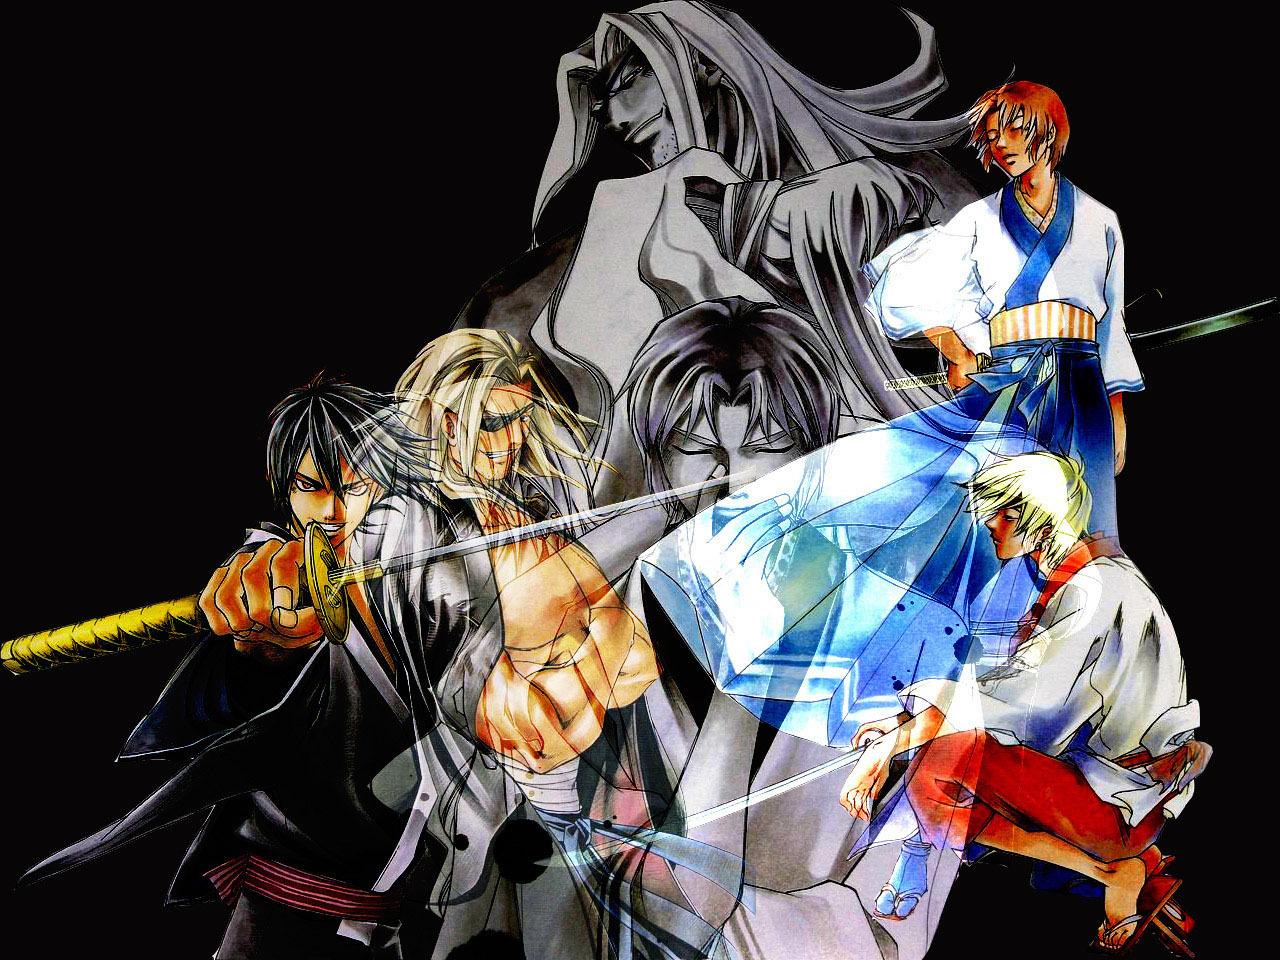 Samurai Deeper KYOU images Samurai Deeper KYO Wallpaper HD ...